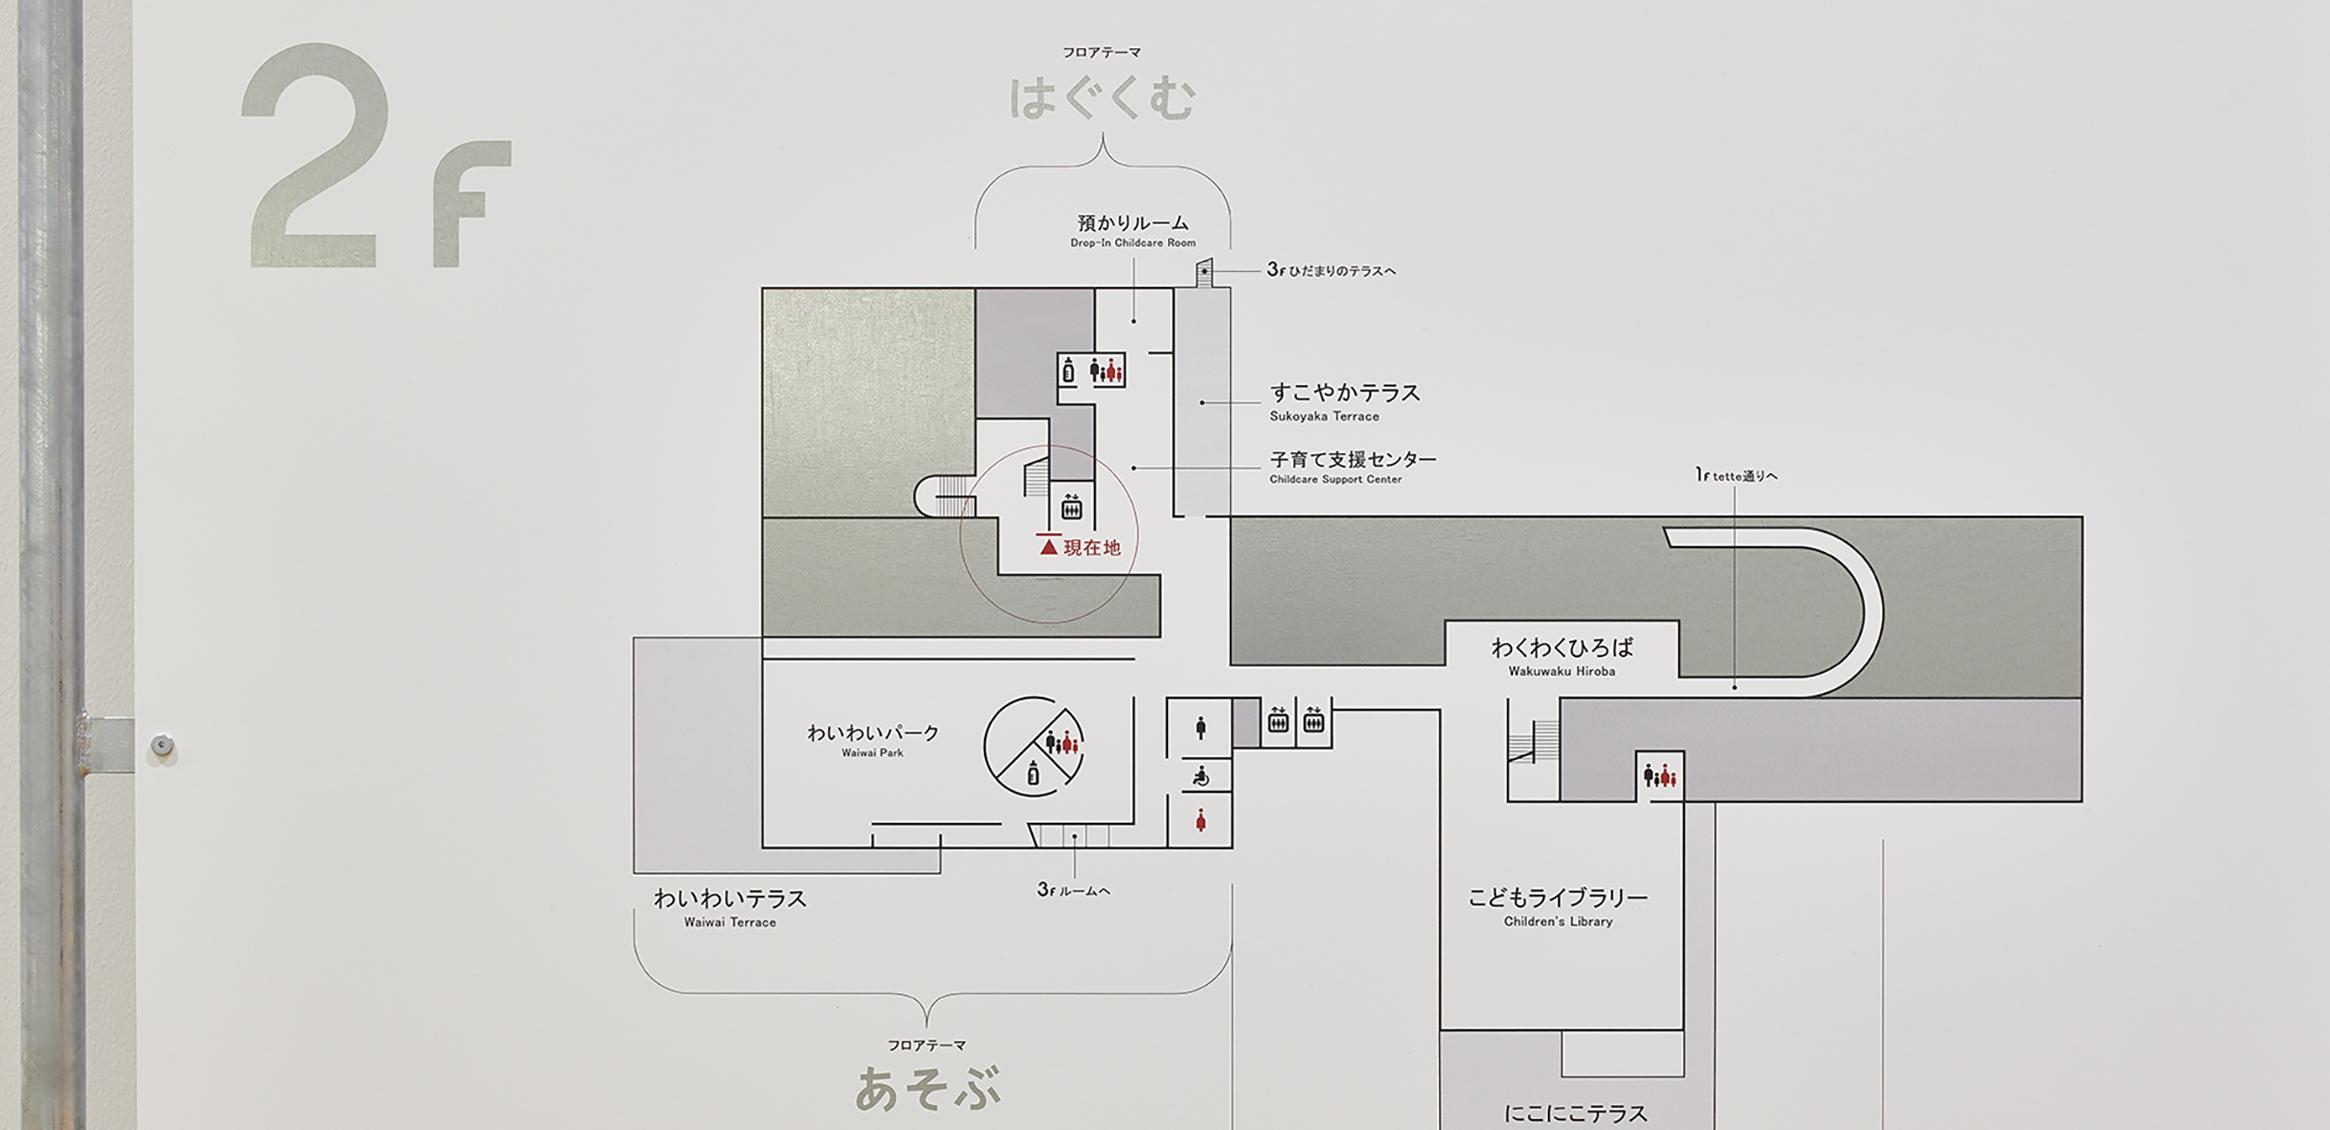 須賀川市民交流センターtette サイン計画,标识设计 © 日本设计中心,ndc,色部デザイン研究室